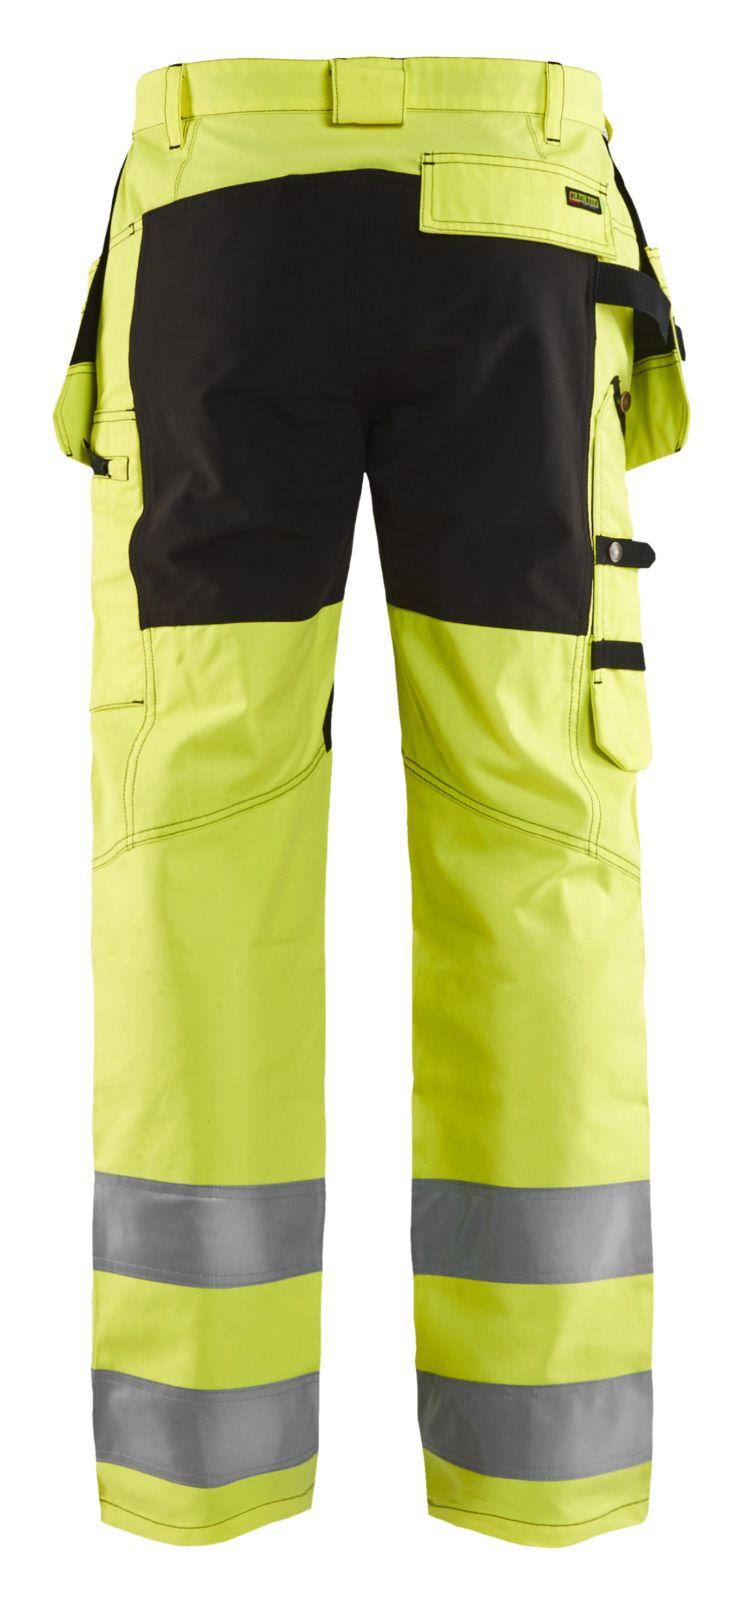 Blaklader Broeken 15521811 High Vis fluo geel-zwart(3399)